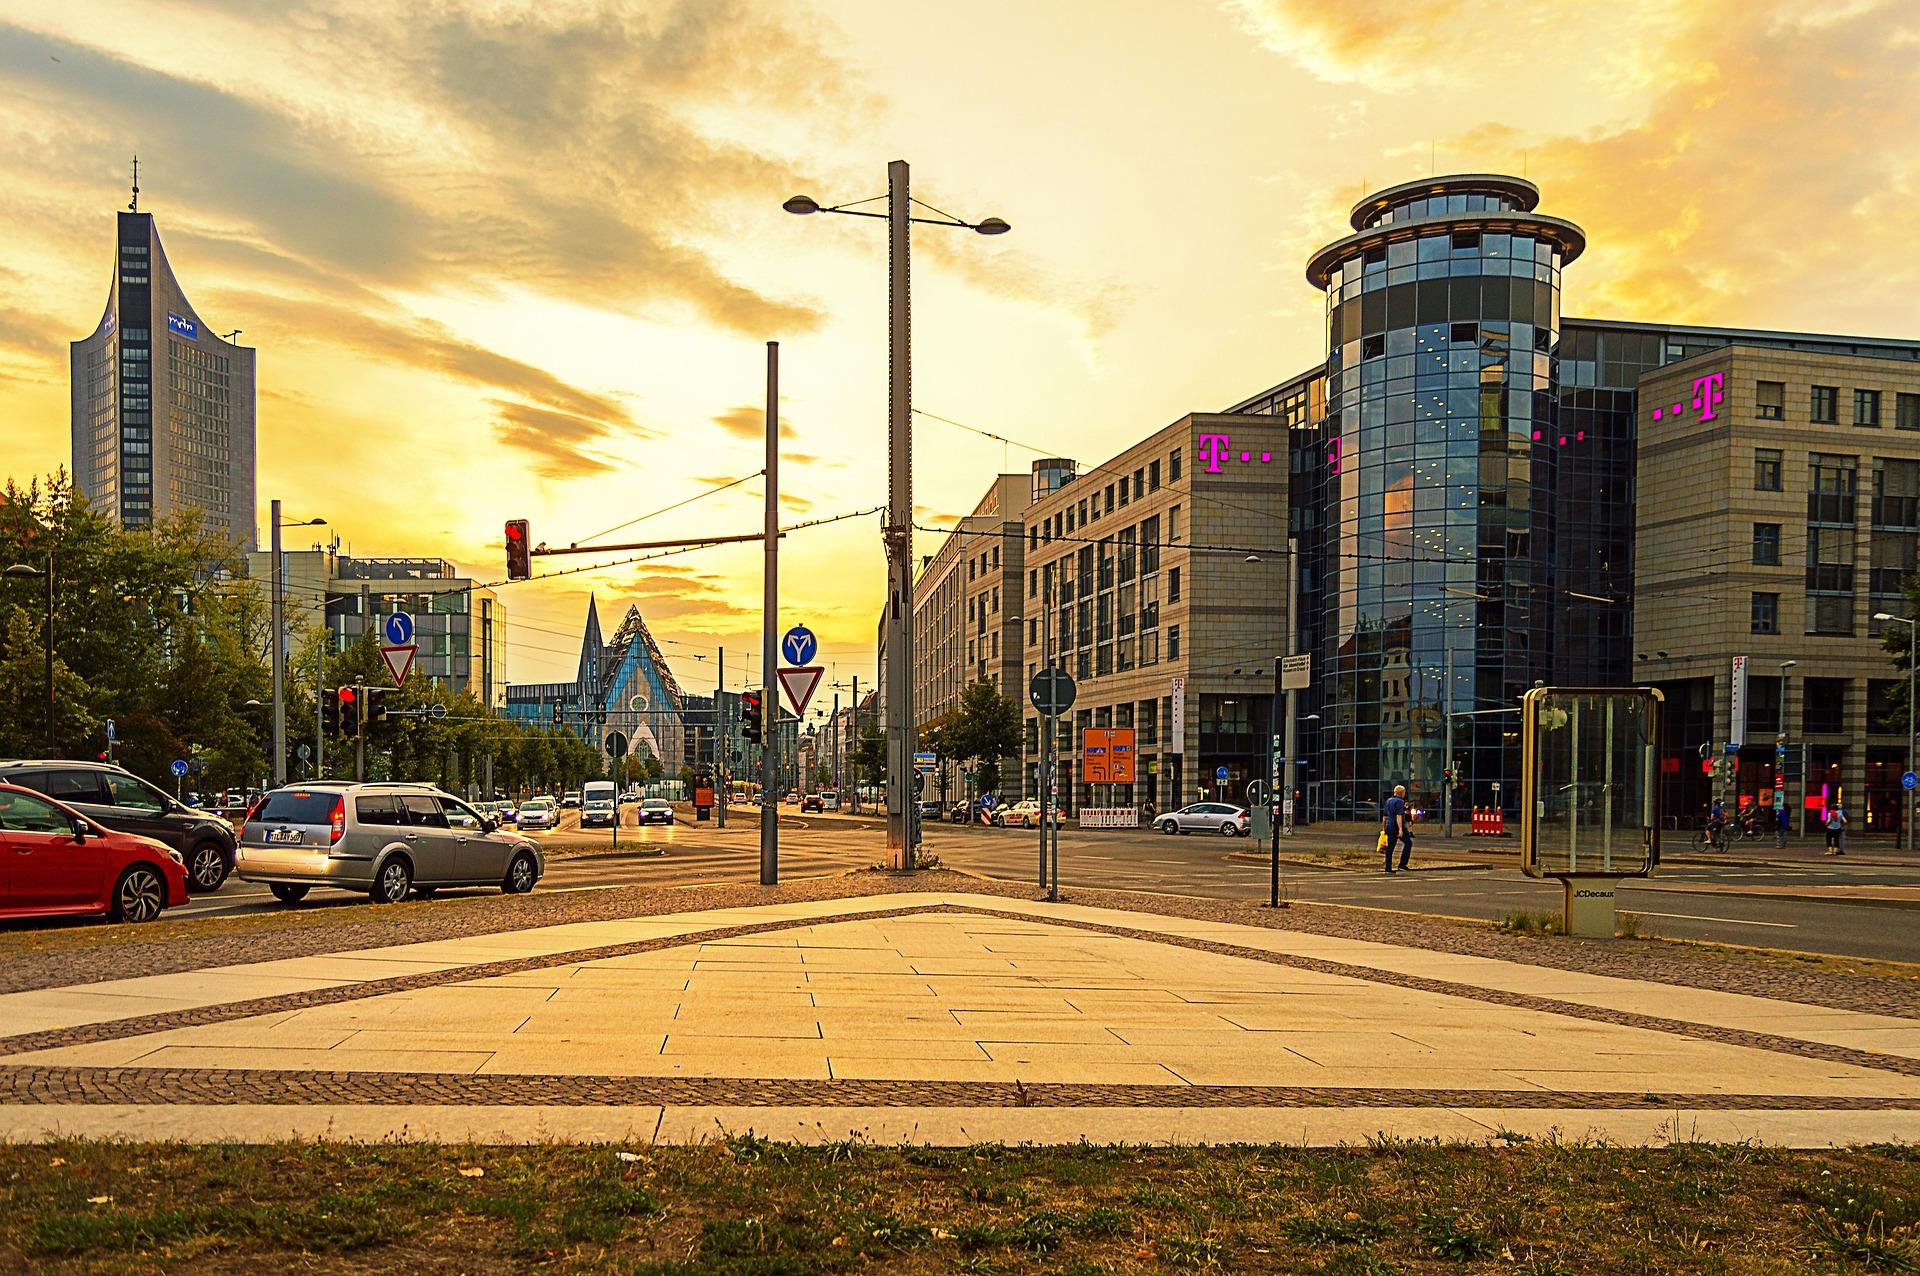 Leipzig Tipps Wochenende Leipzig Was kann man in Leipzig machen